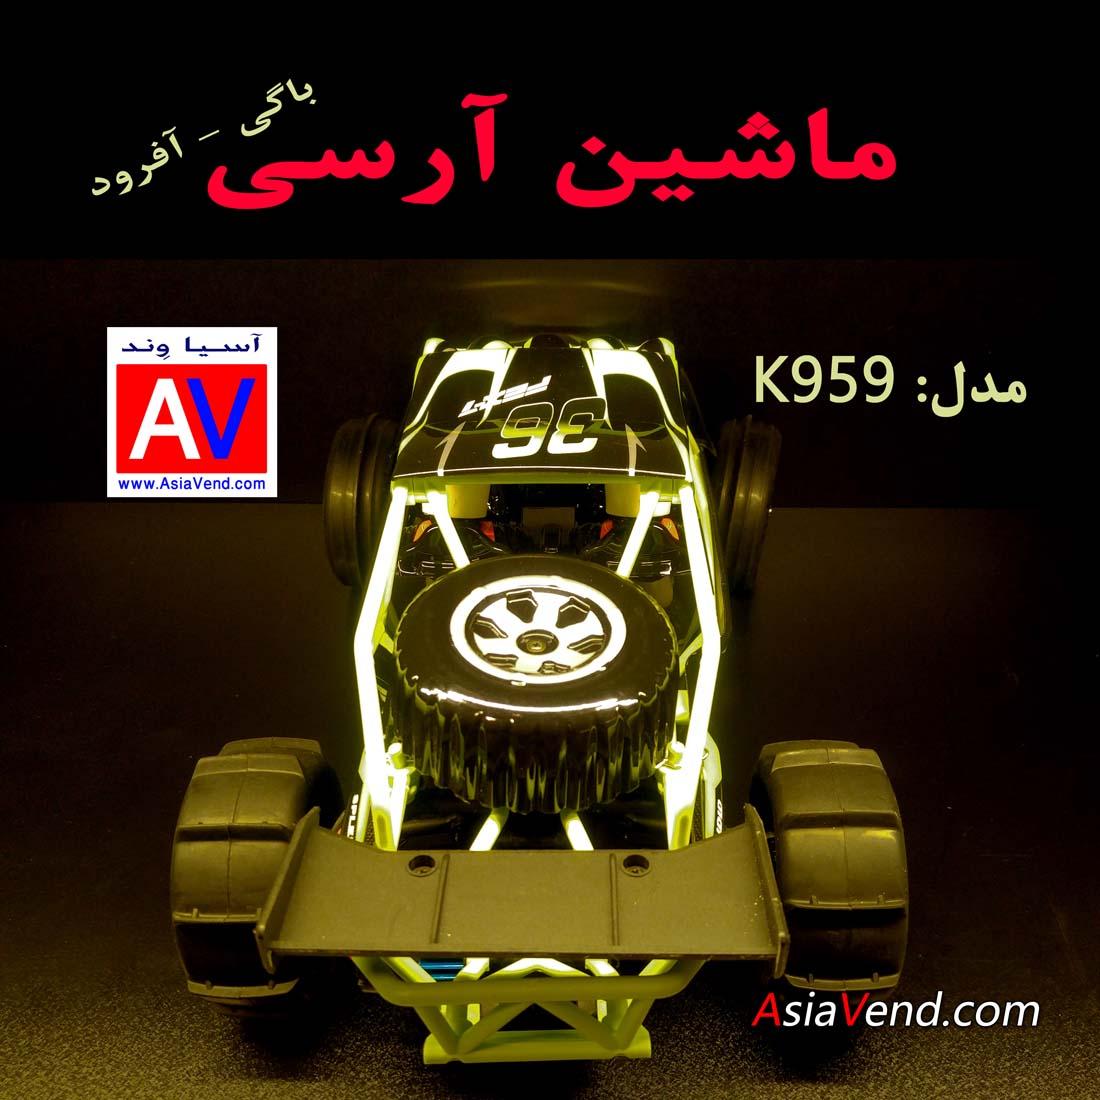 K959 ماشین آرسی ماشین رادیو کنترلی K959